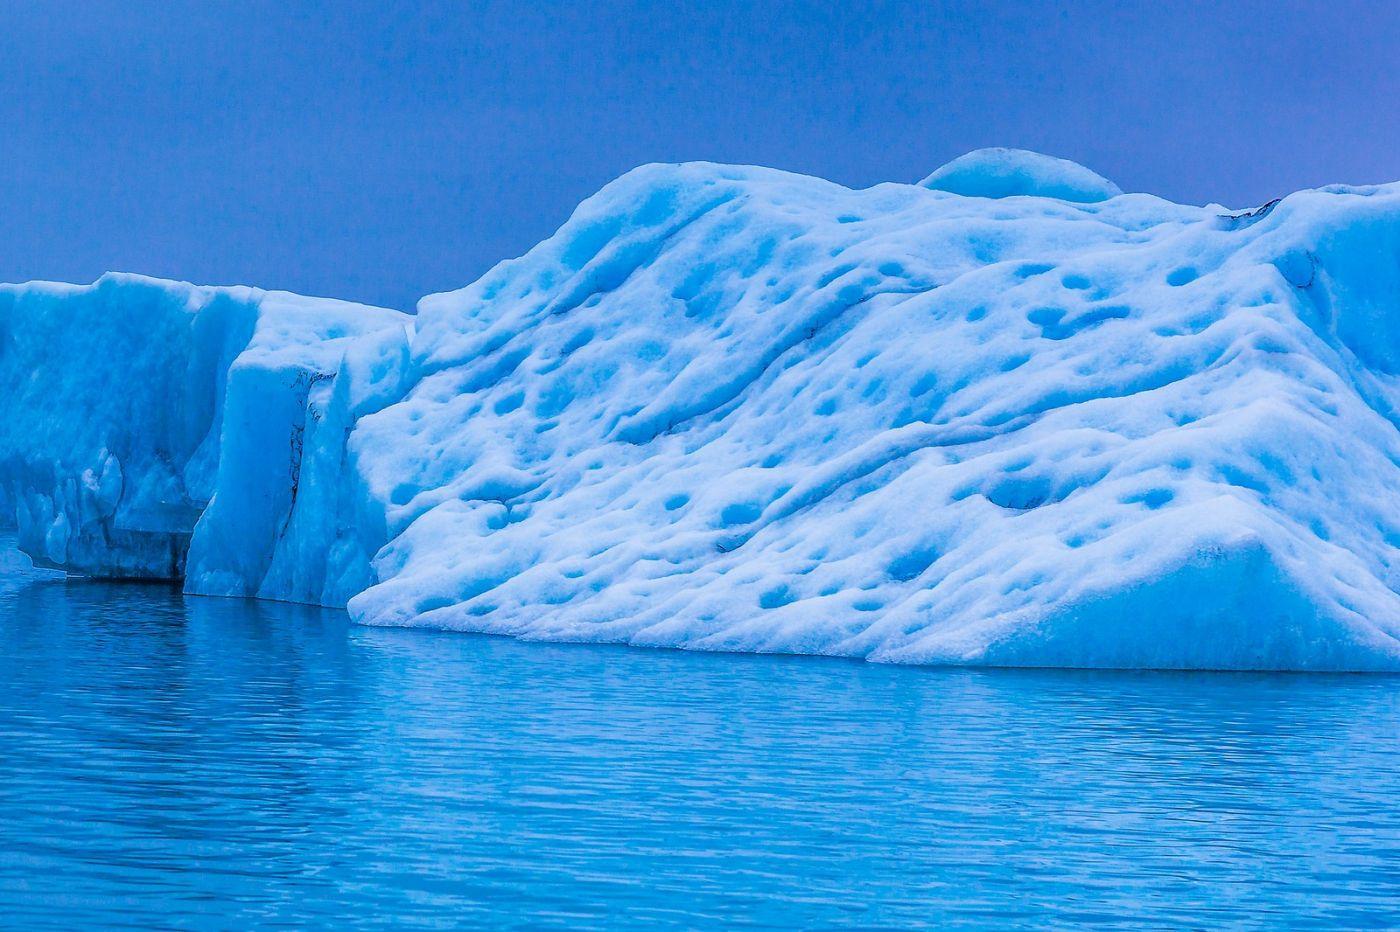 冰岛冰川泻湖(Glacier Lagoon),自然雕塑_图1-31